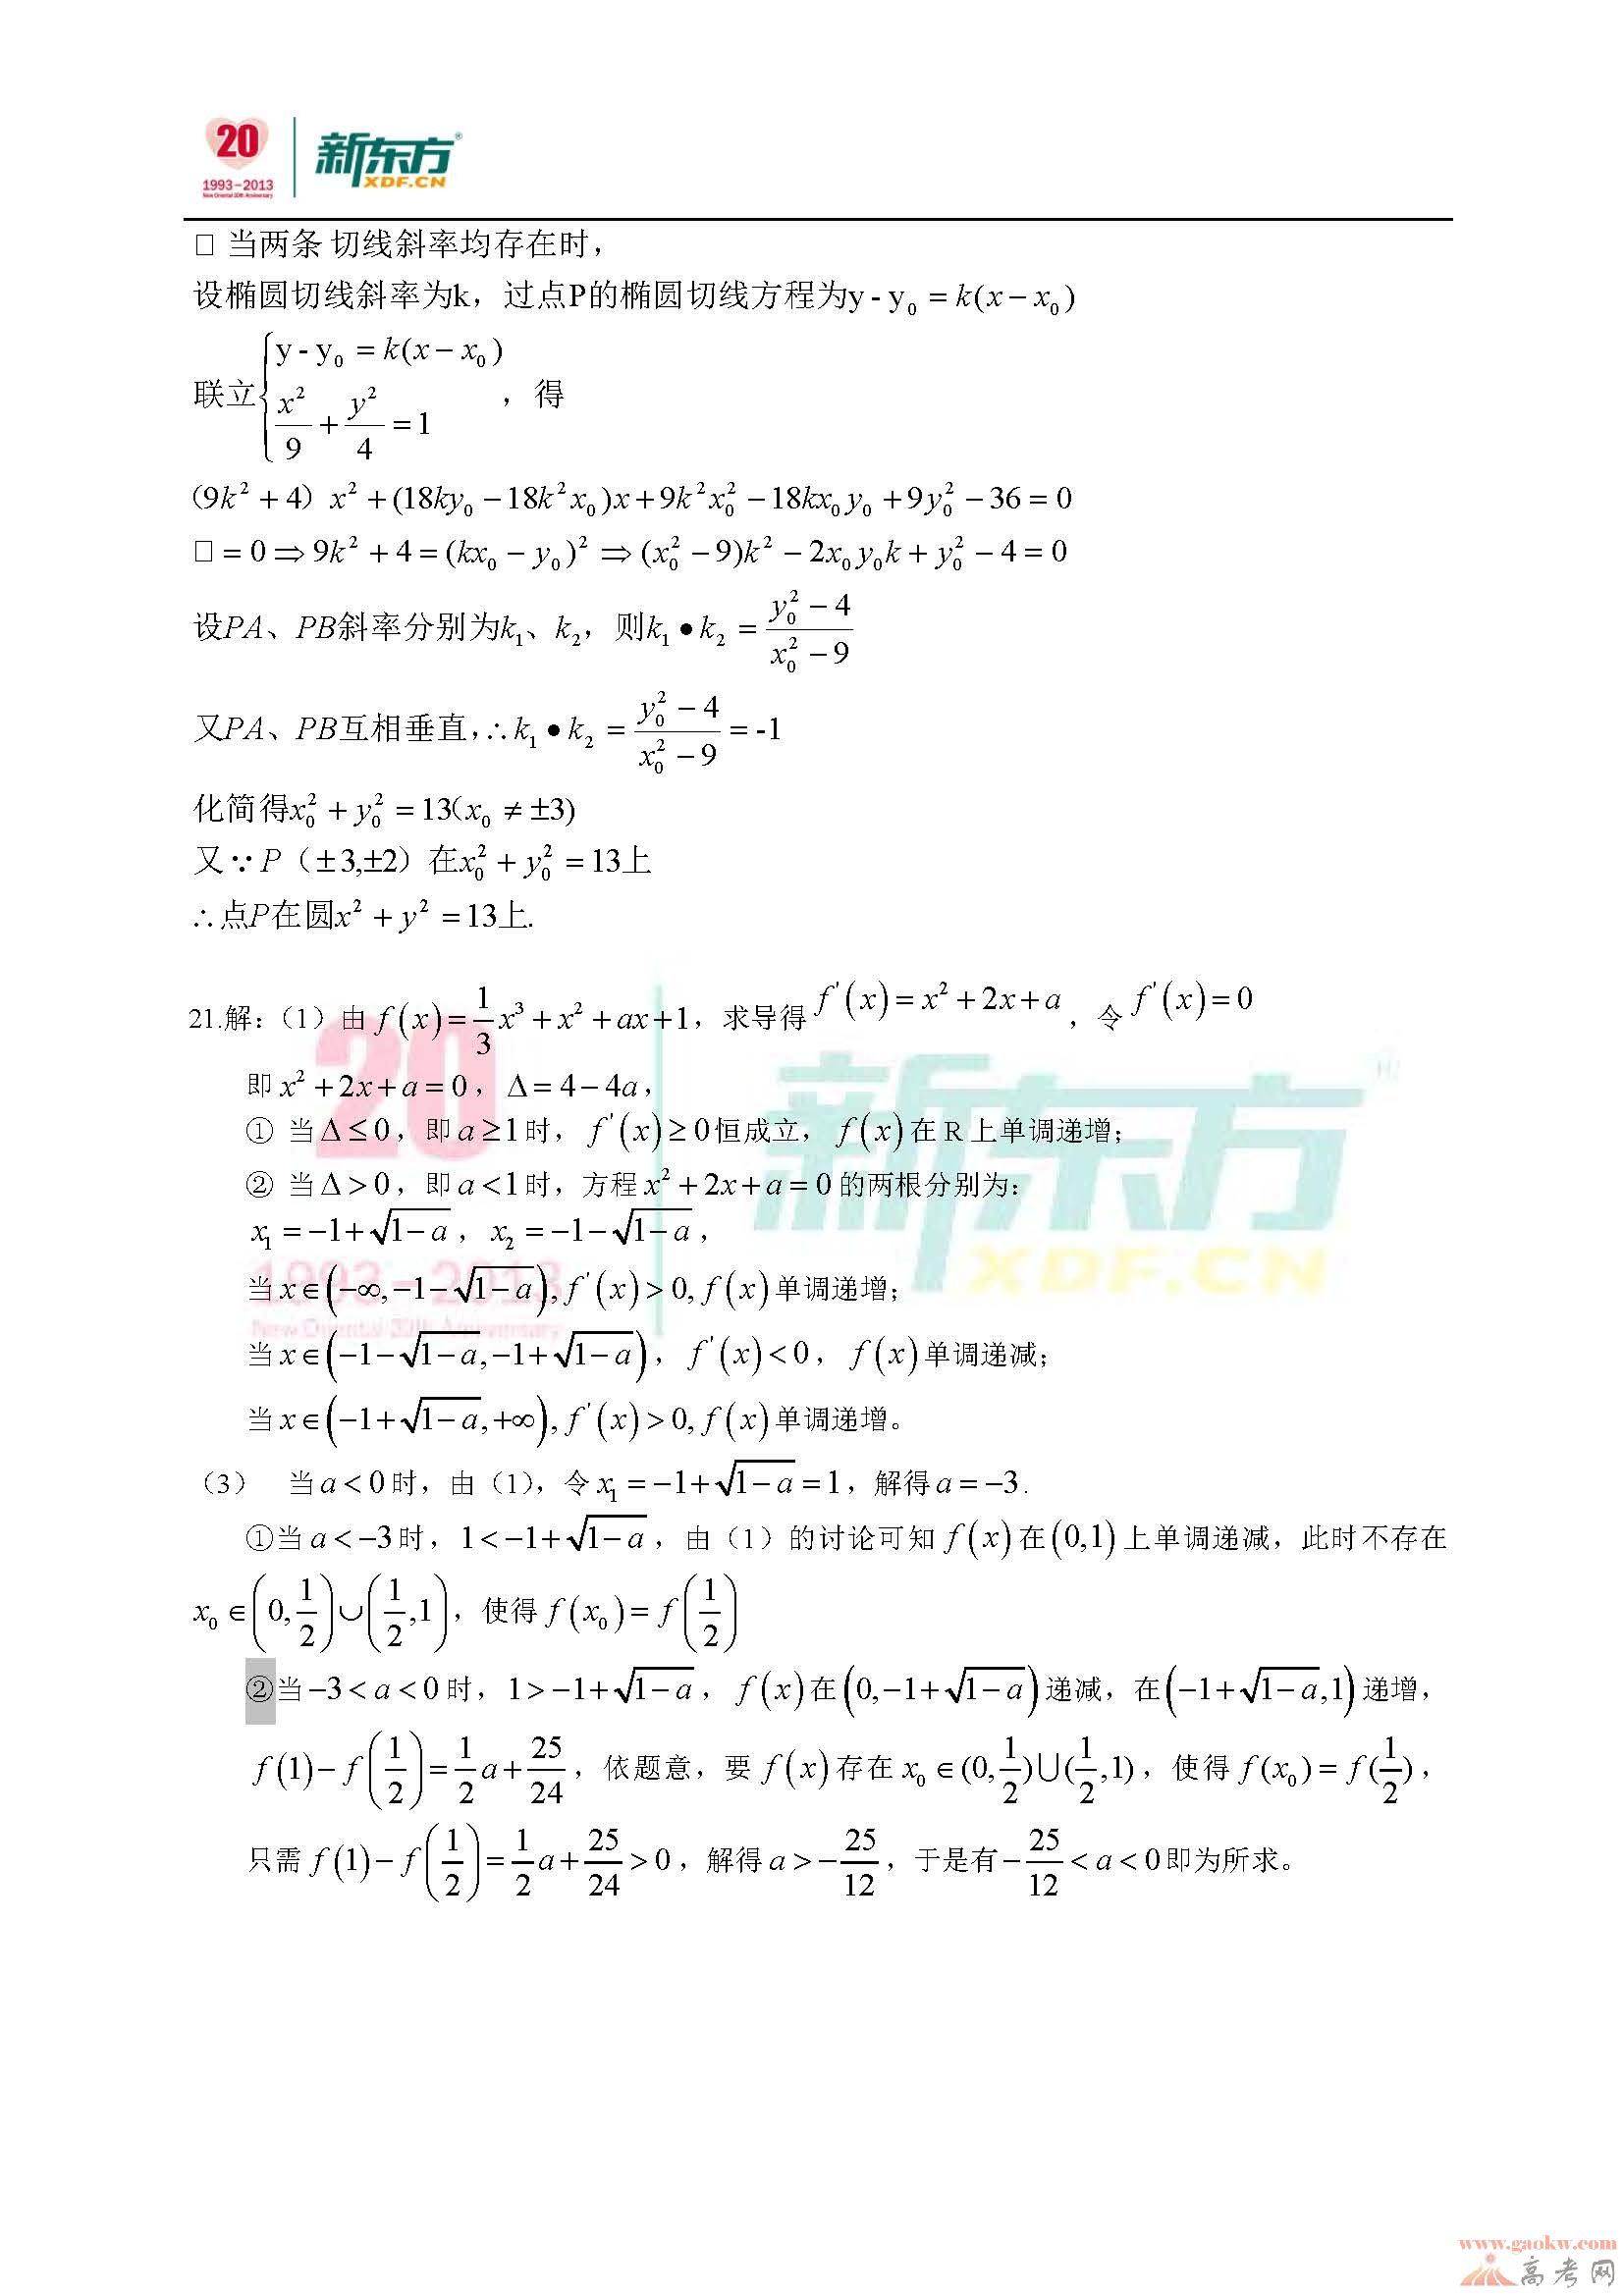 2014广东高考数学试题及答案【文科A卷参考答